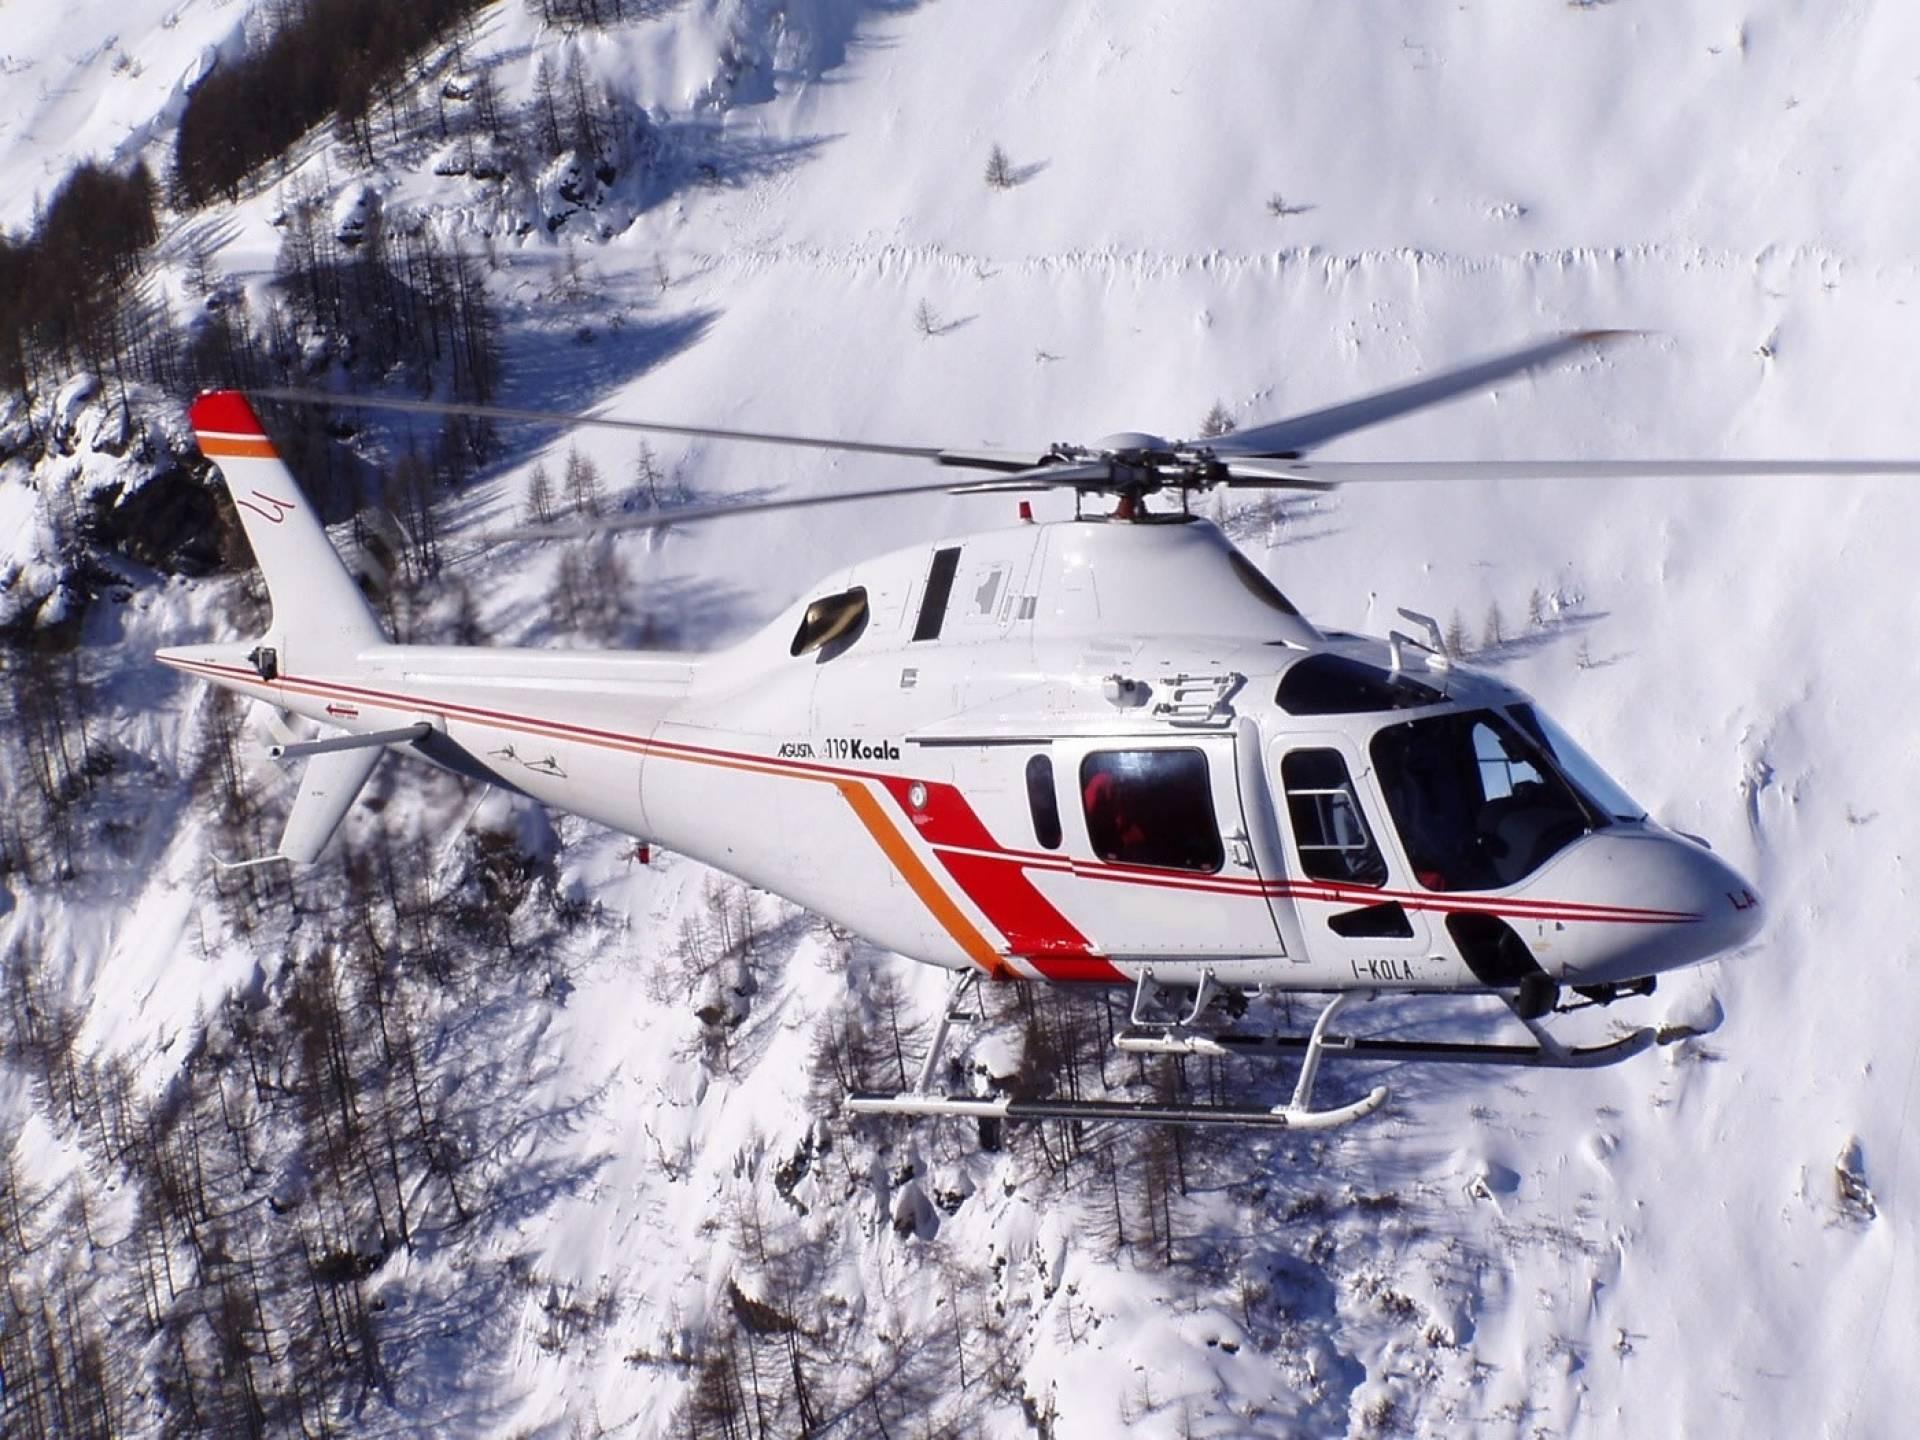 Вавстрийской коммуне упал вертолет, погибли два человека